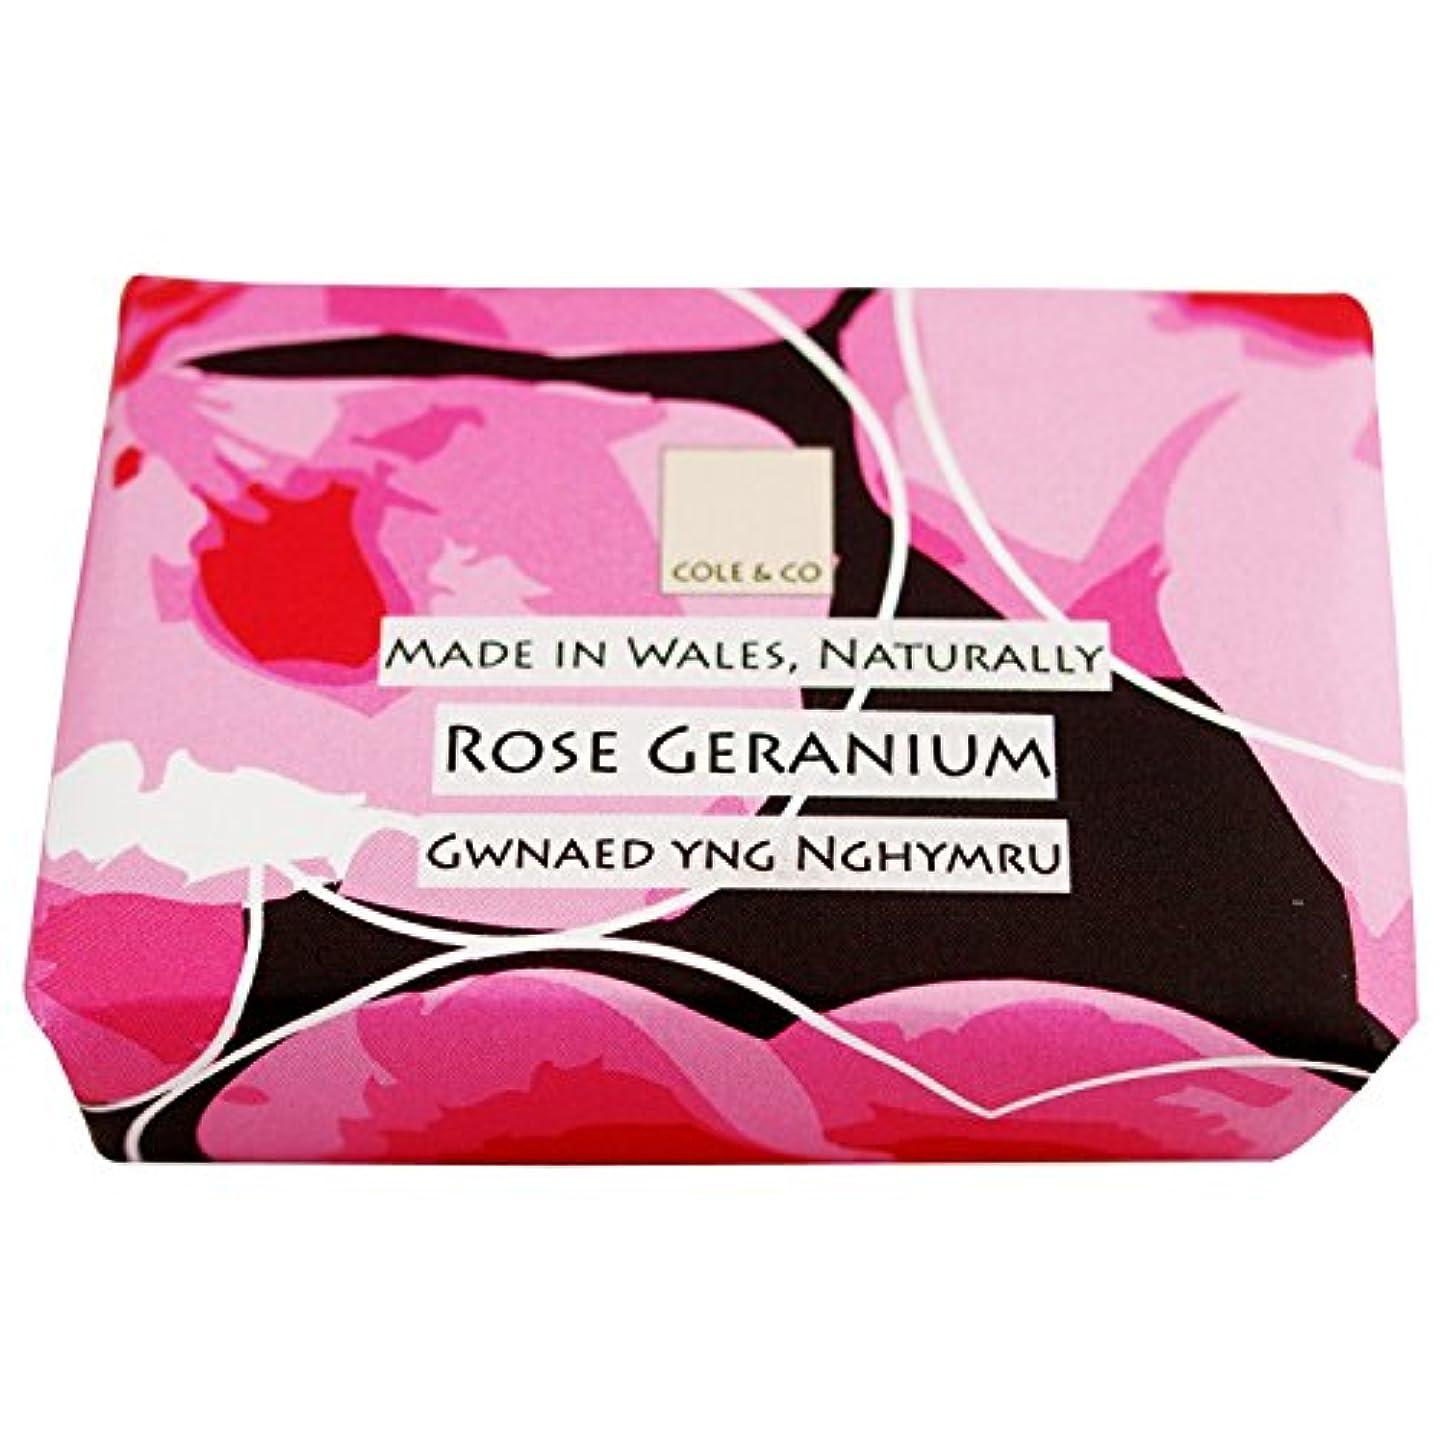 カテゴリーフロンティア不運コール&Coはゼラニウム石鹸80グラムのバラ (Cole & Co) (x6) - Cole & Co Rose Geranium Soap 80g (Pack of 6) [並行輸入品]